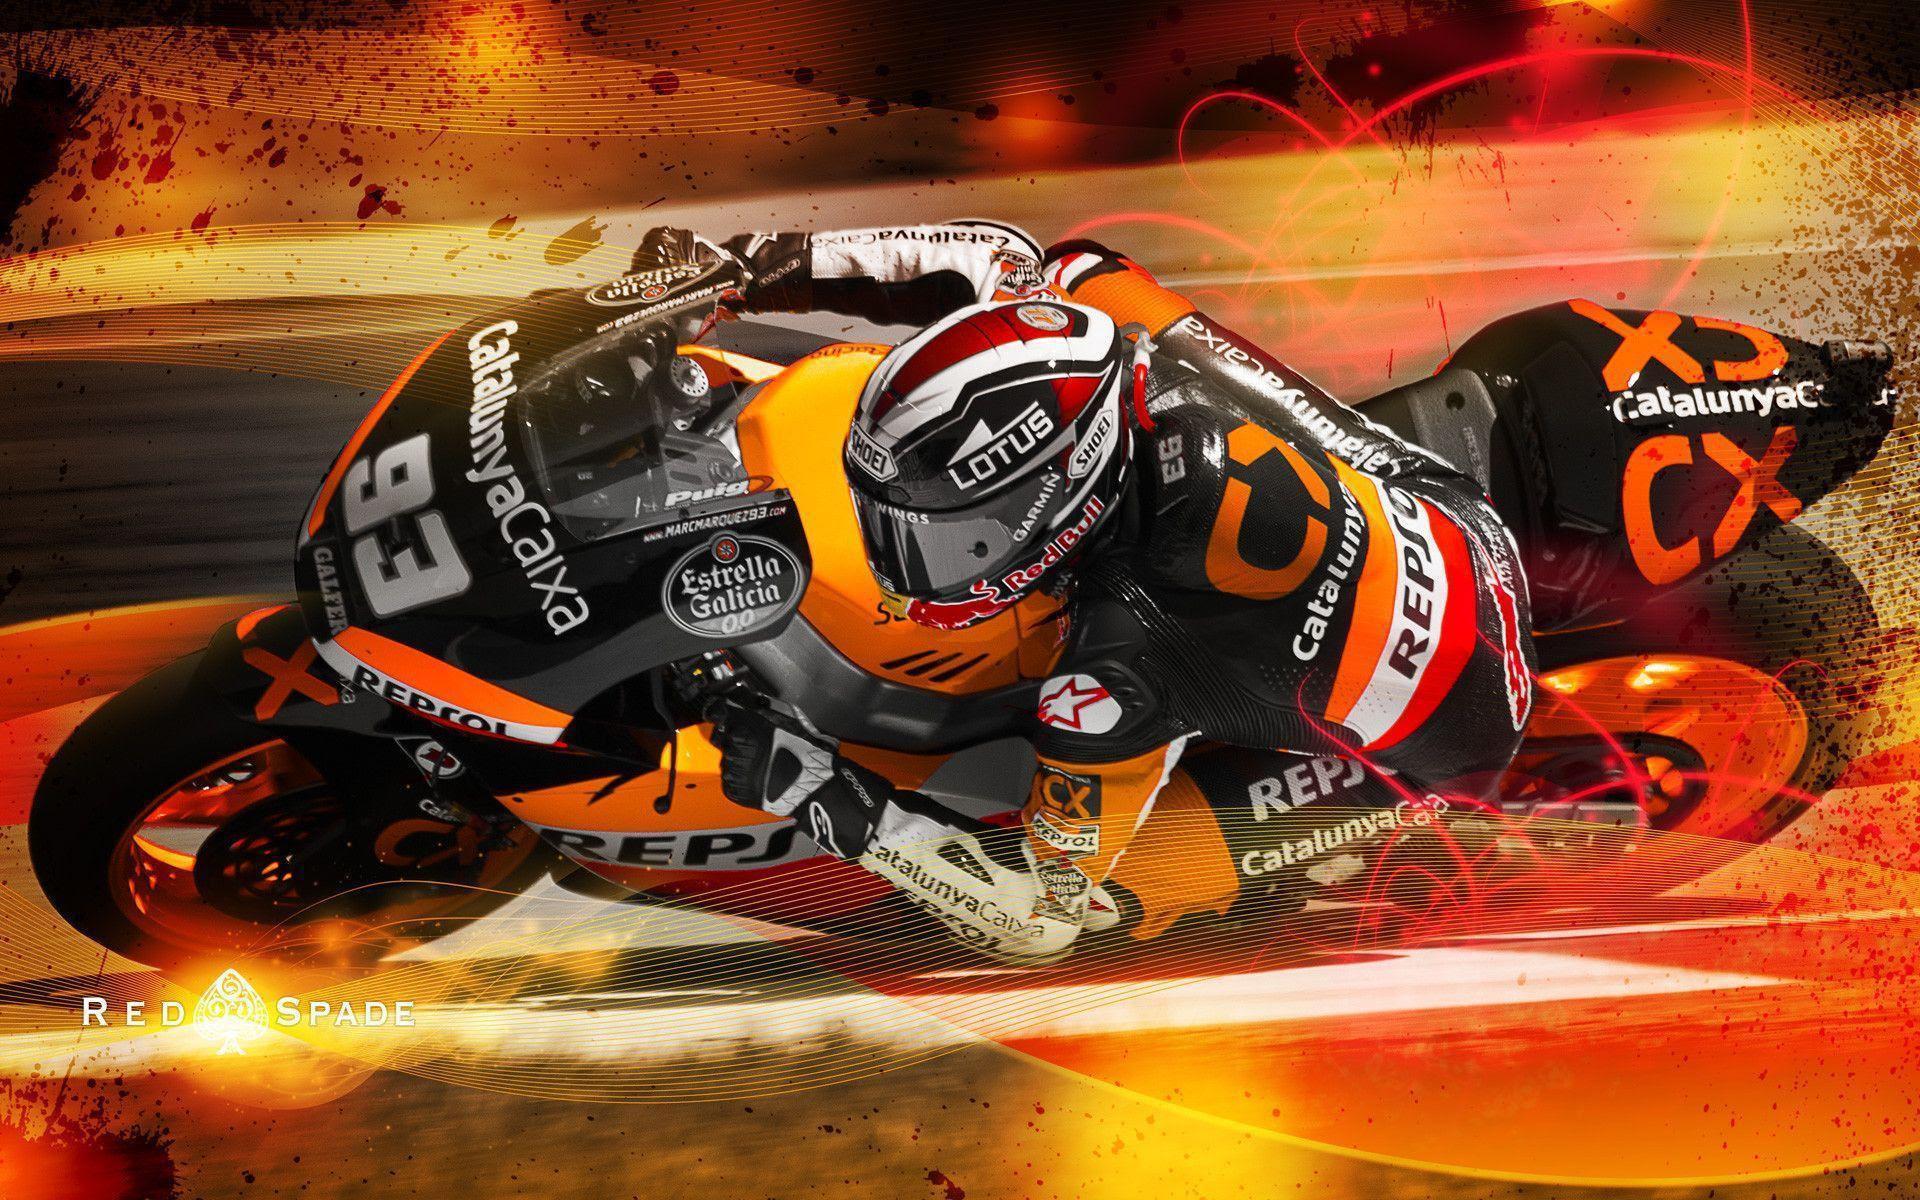 MotoGP Wallpapers Wallpaper Cave